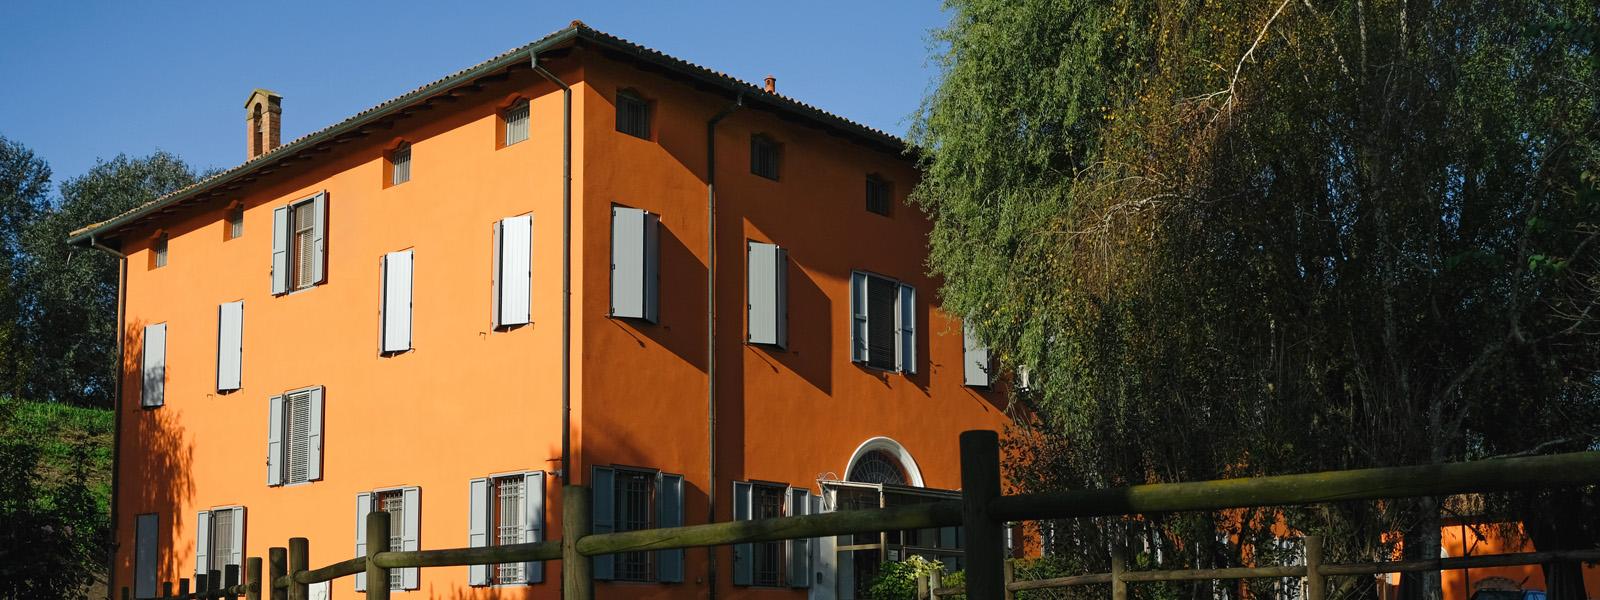 Foto homepage Villa Maria Grazia